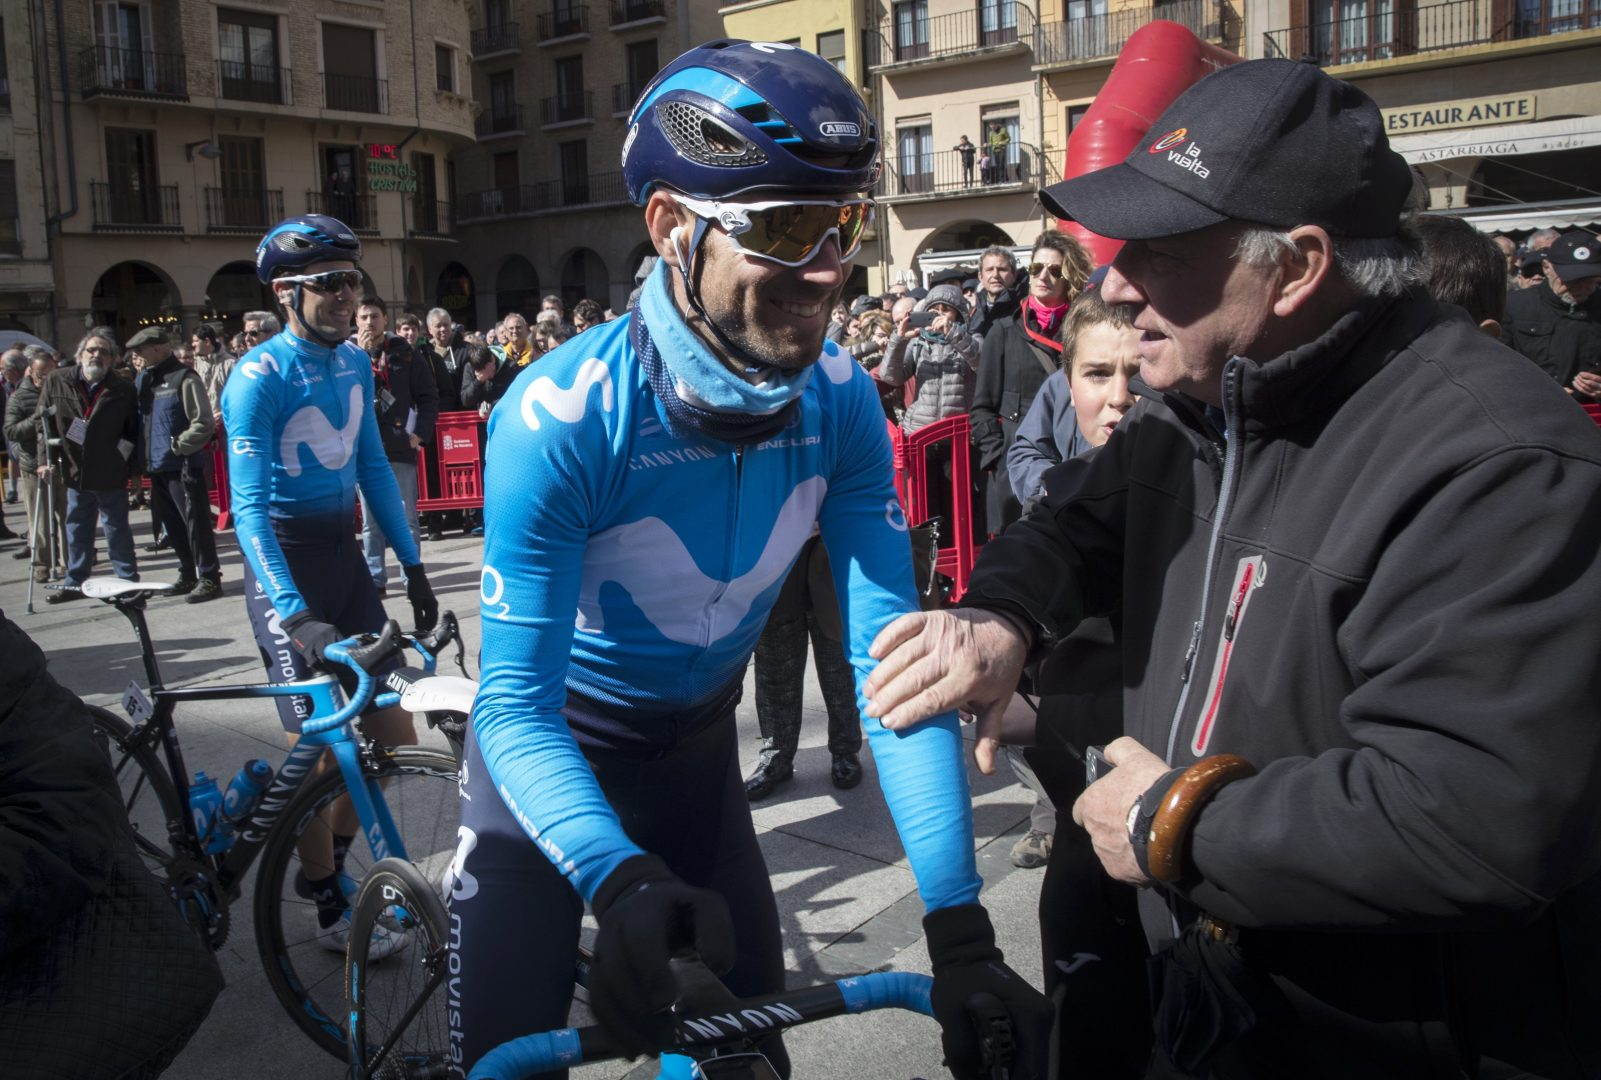 Valverde culmina un gran trabajo de Movistar con un demoledor ataque final (Foto: EFE/Villar López).